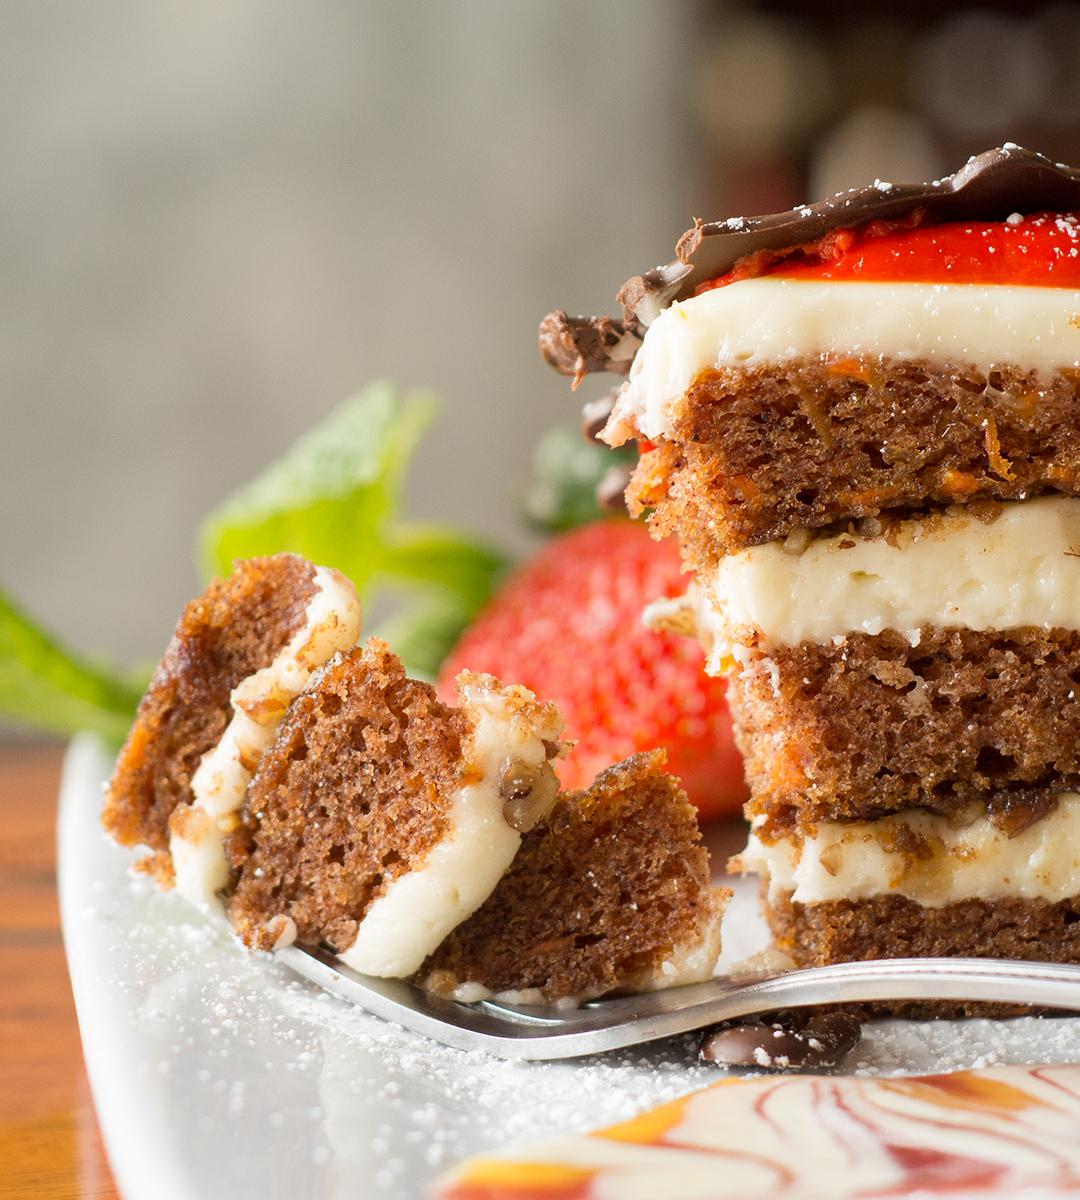 Dessert_Cake_Slice_Serving_CarrotCake.jpg